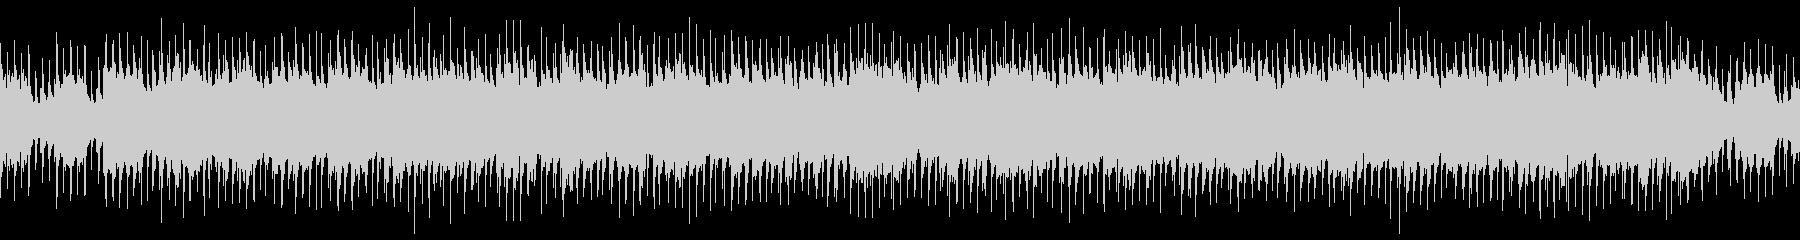 ループ ポップでかわいい日常系の未再生の波形